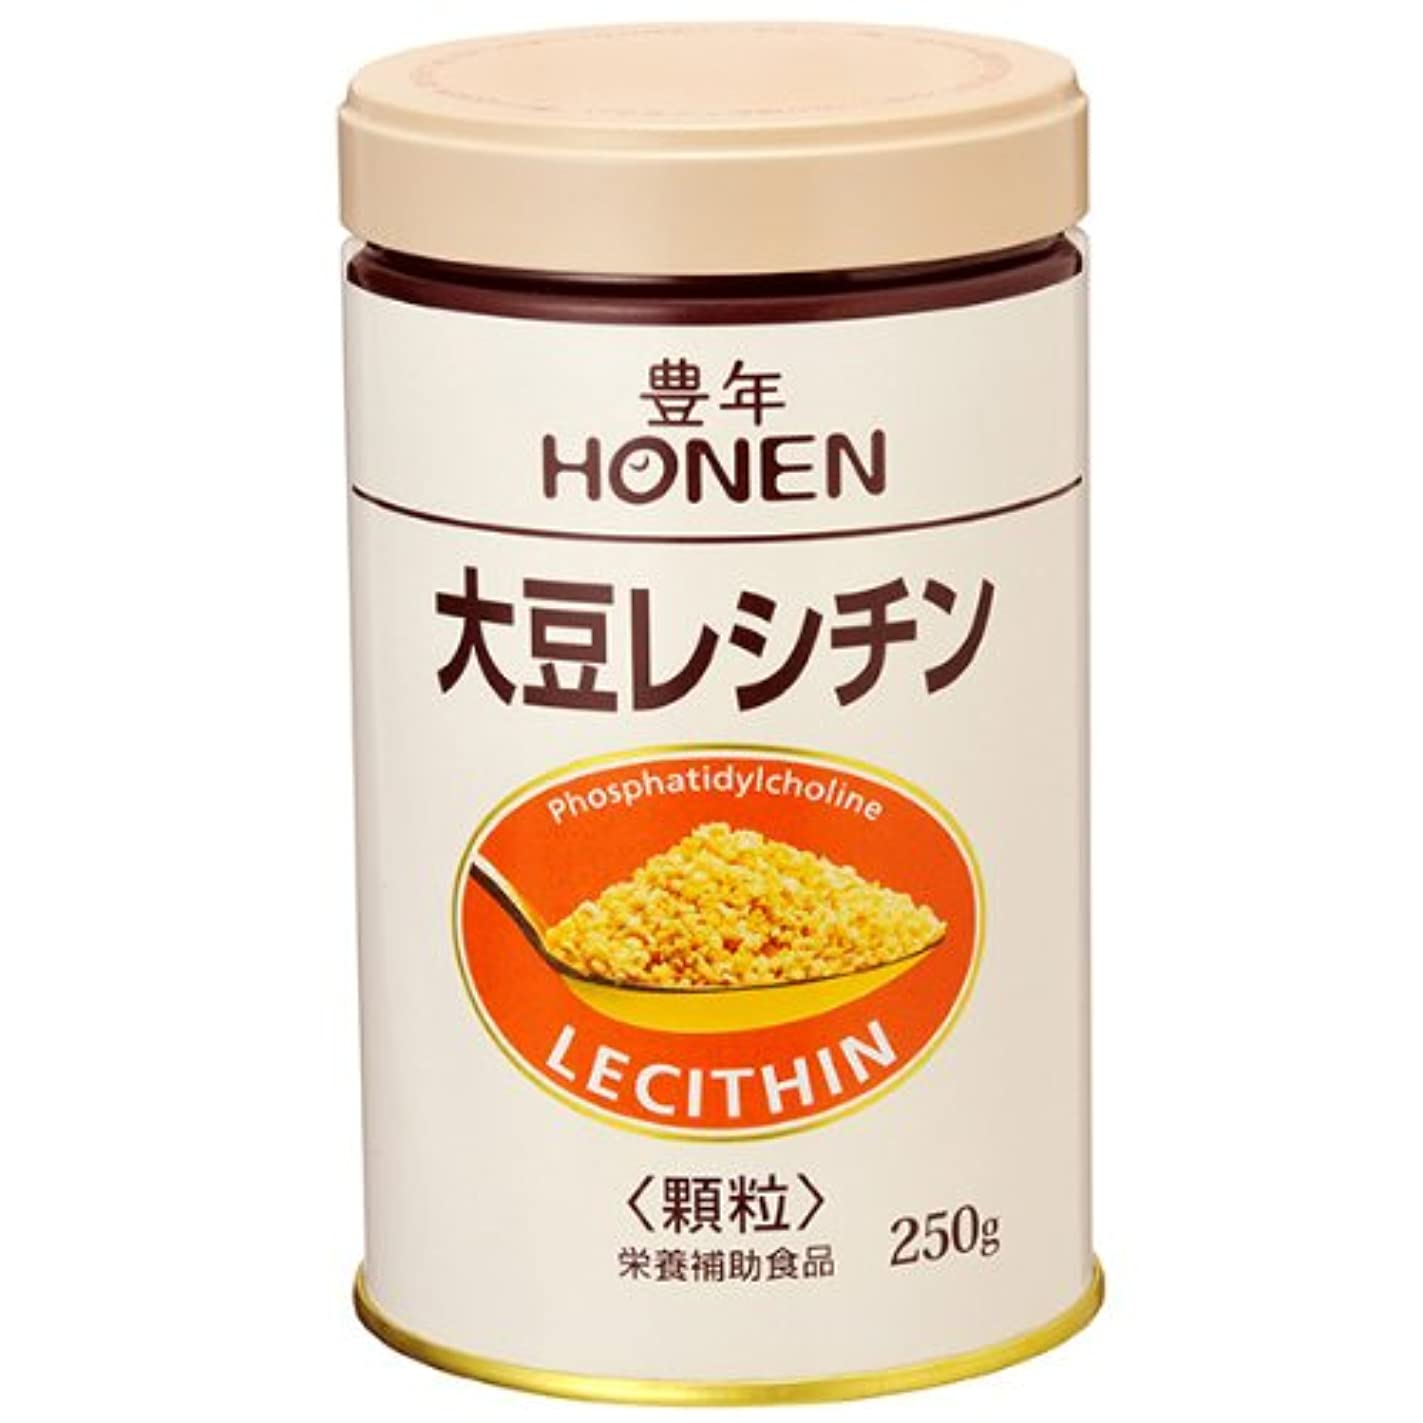 から聞くサイレン翻訳者豊年 大豆レシチン(顆粒250g缶)